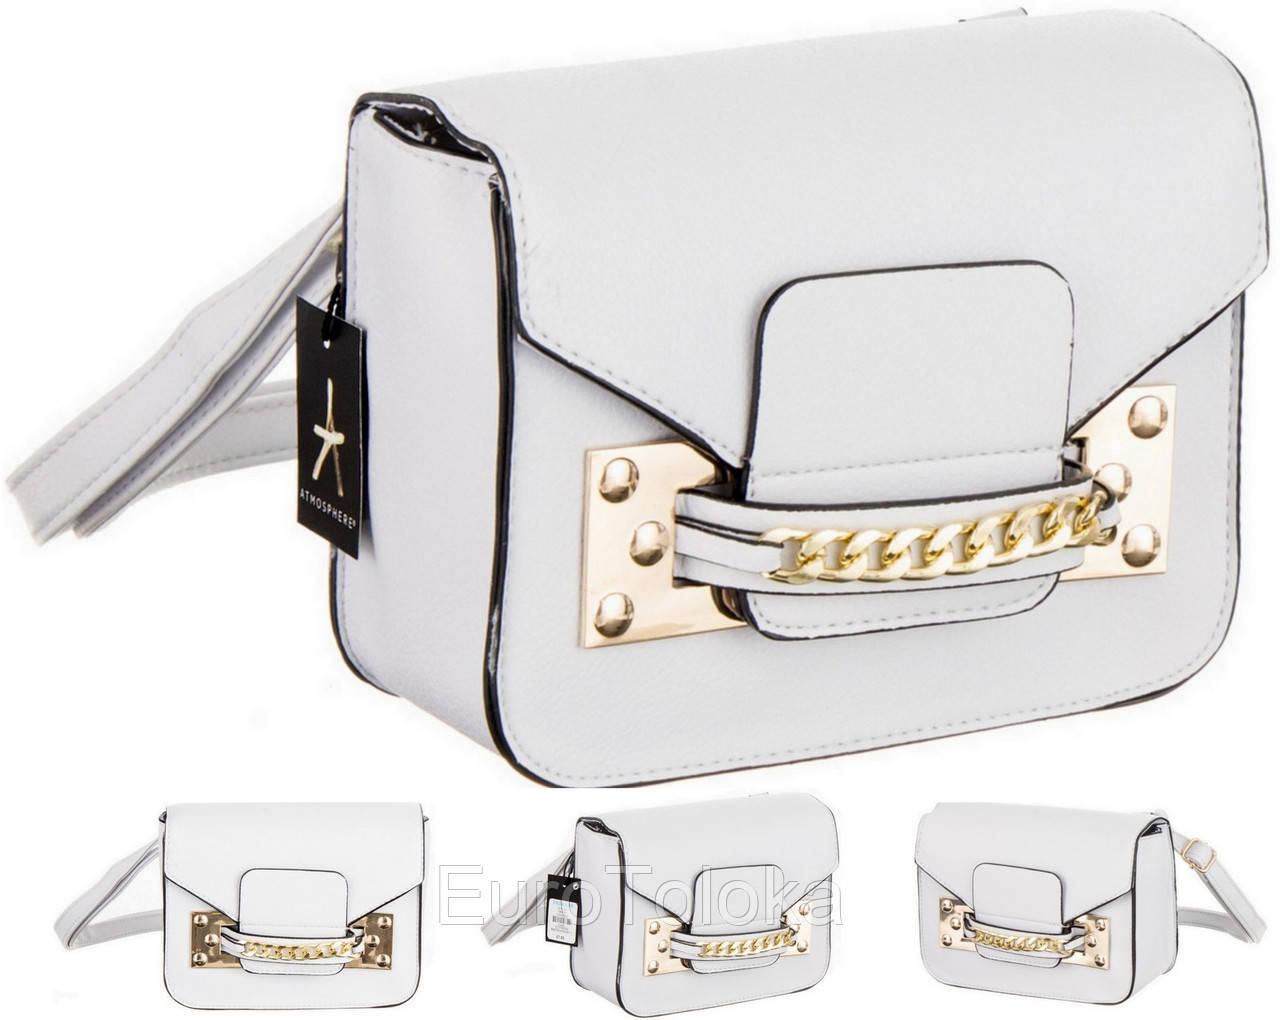 c1e9421661f2 Красивая женская сумка почтальонка - сумка через плечо Primark S atmosphere